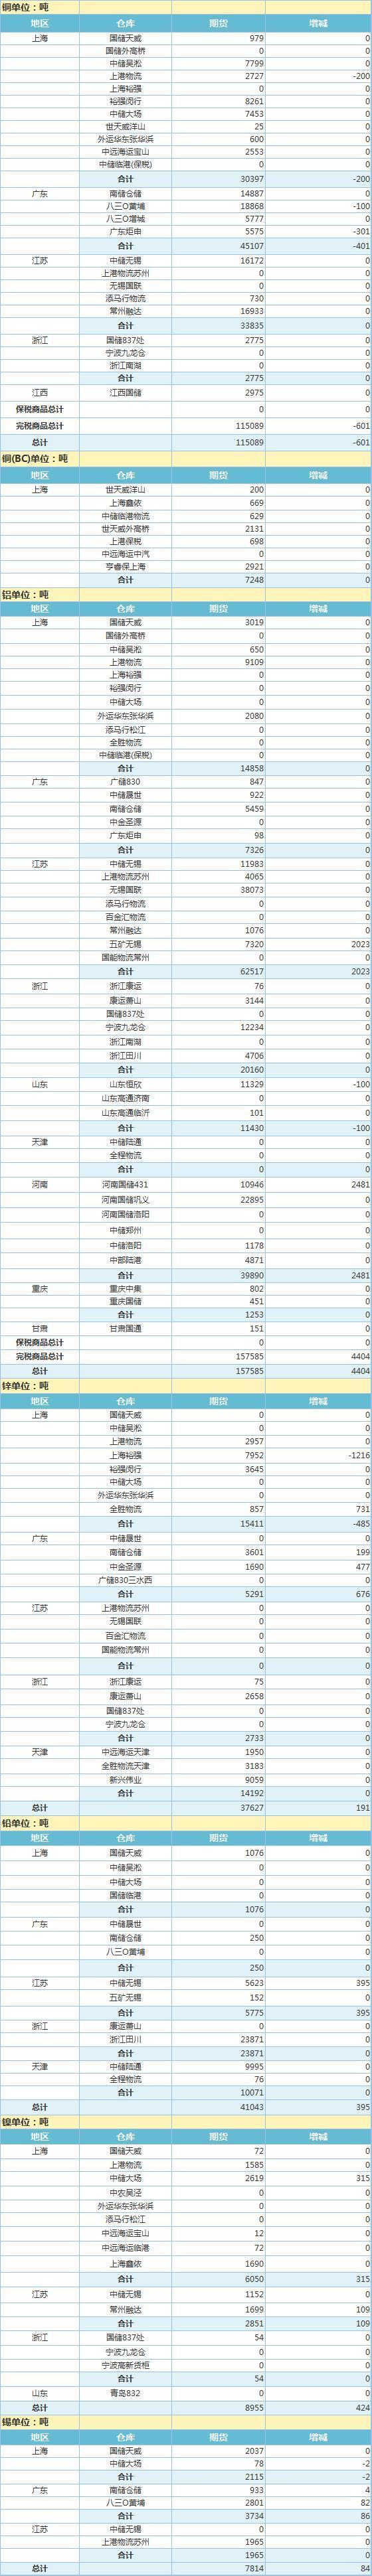 4月8日上海期货交易所金属库存日报